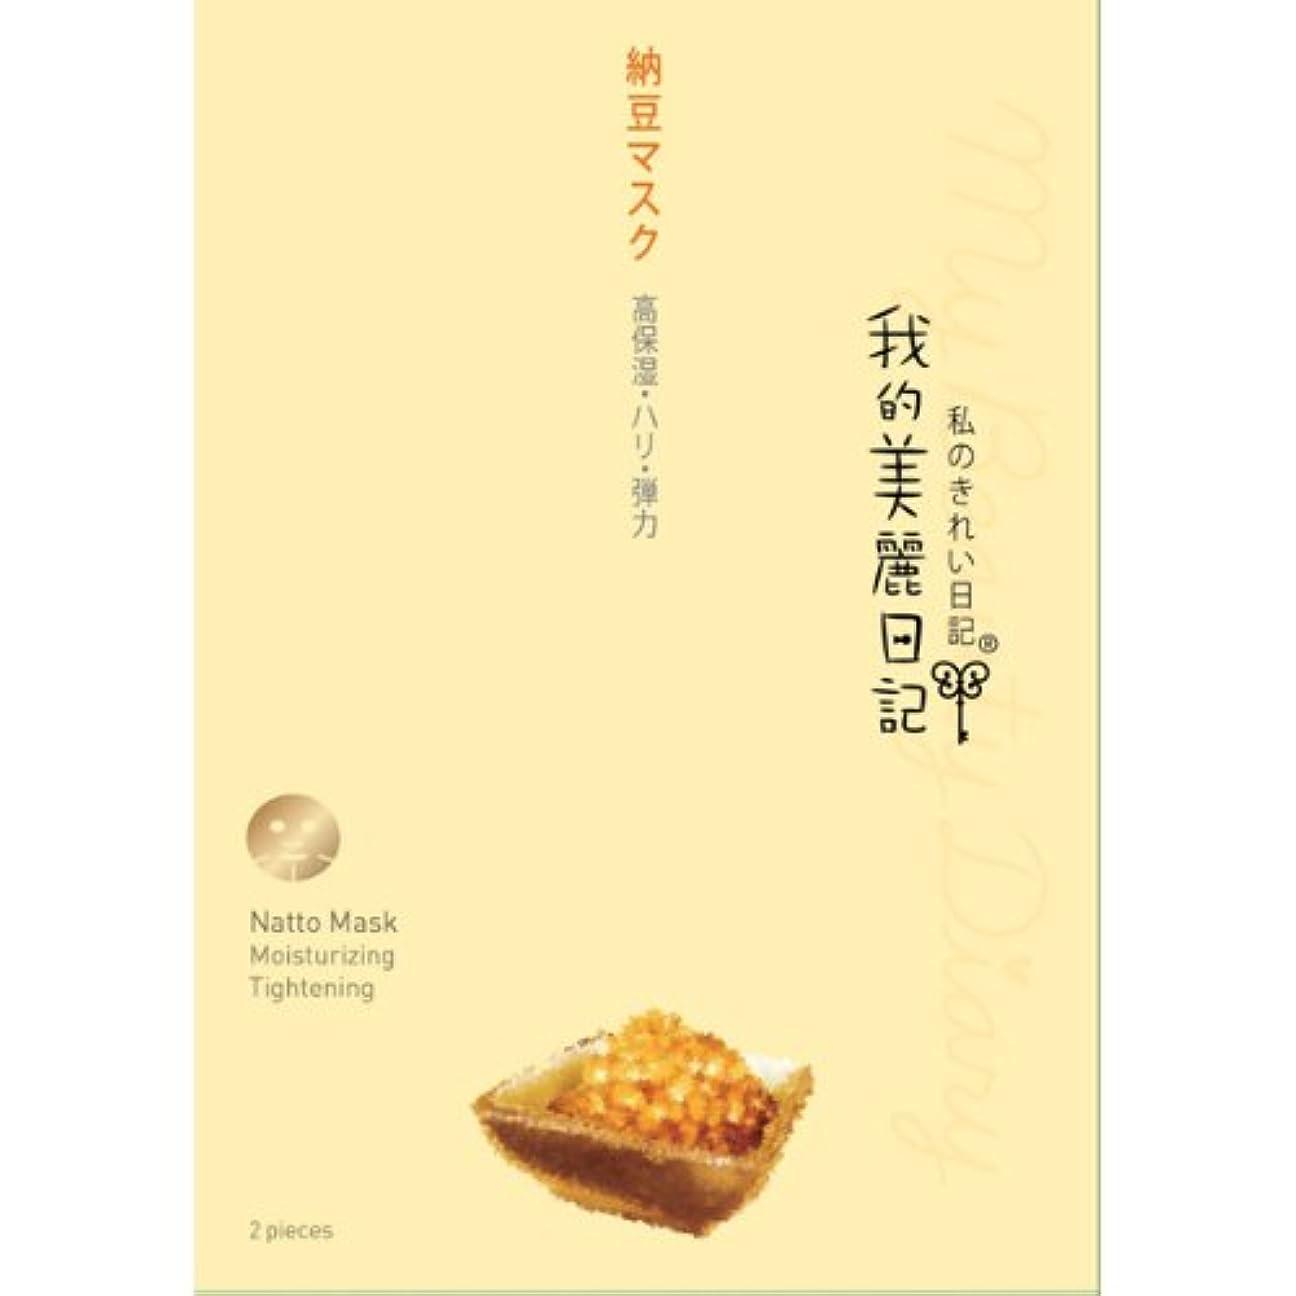 成功したキー狐我的美麗日記 私のきれい日記 納豆マスク 23ml×2枚